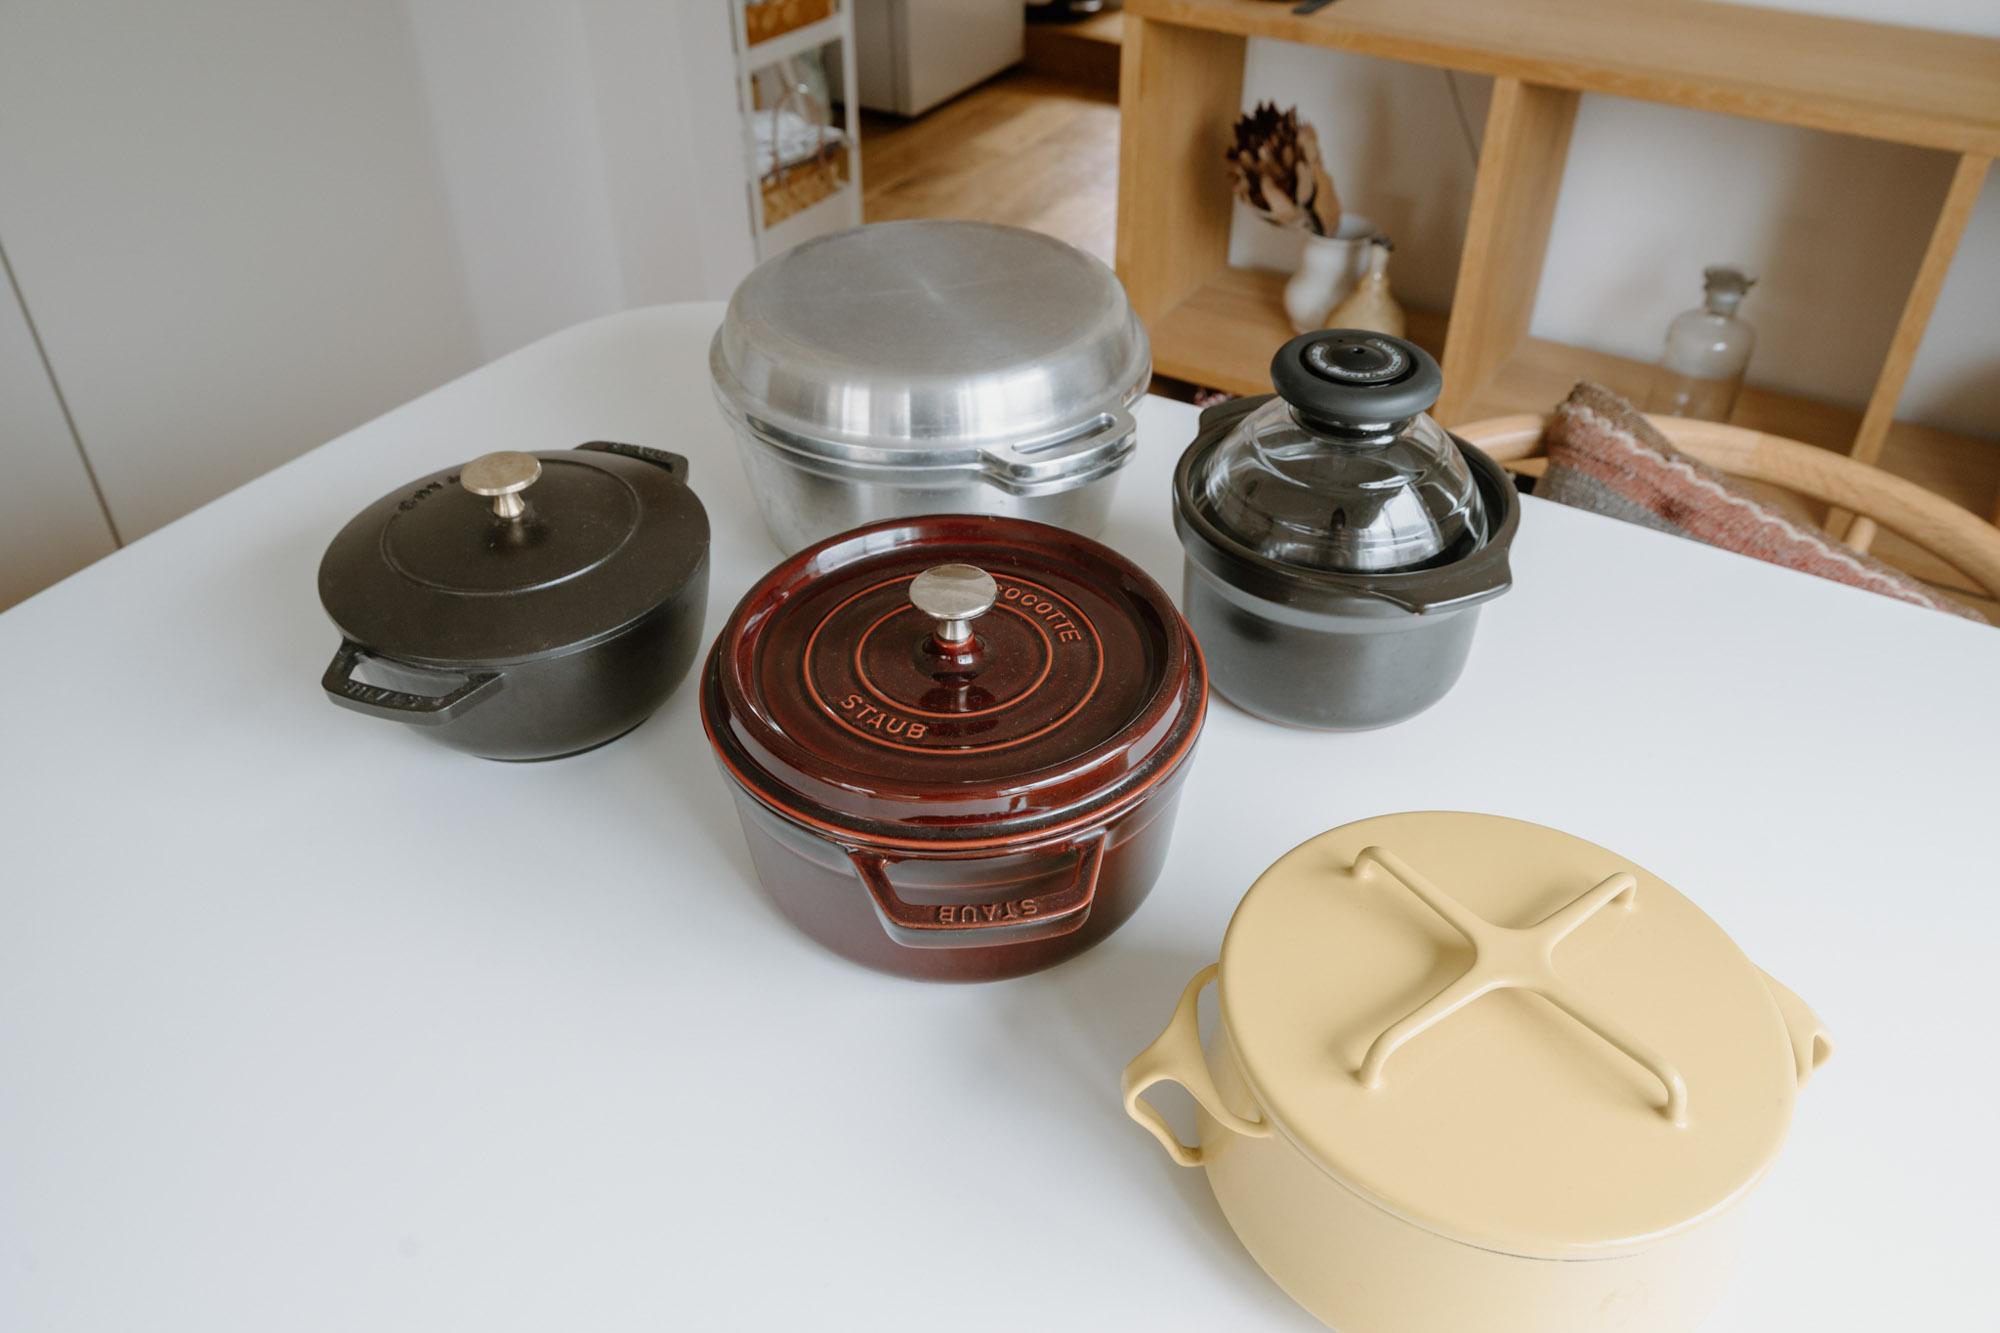 料理の道具もこだわったものを揃えていらっしゃいます。特に、STAUBの鍋は使い勝手もよく気に入っているそう。